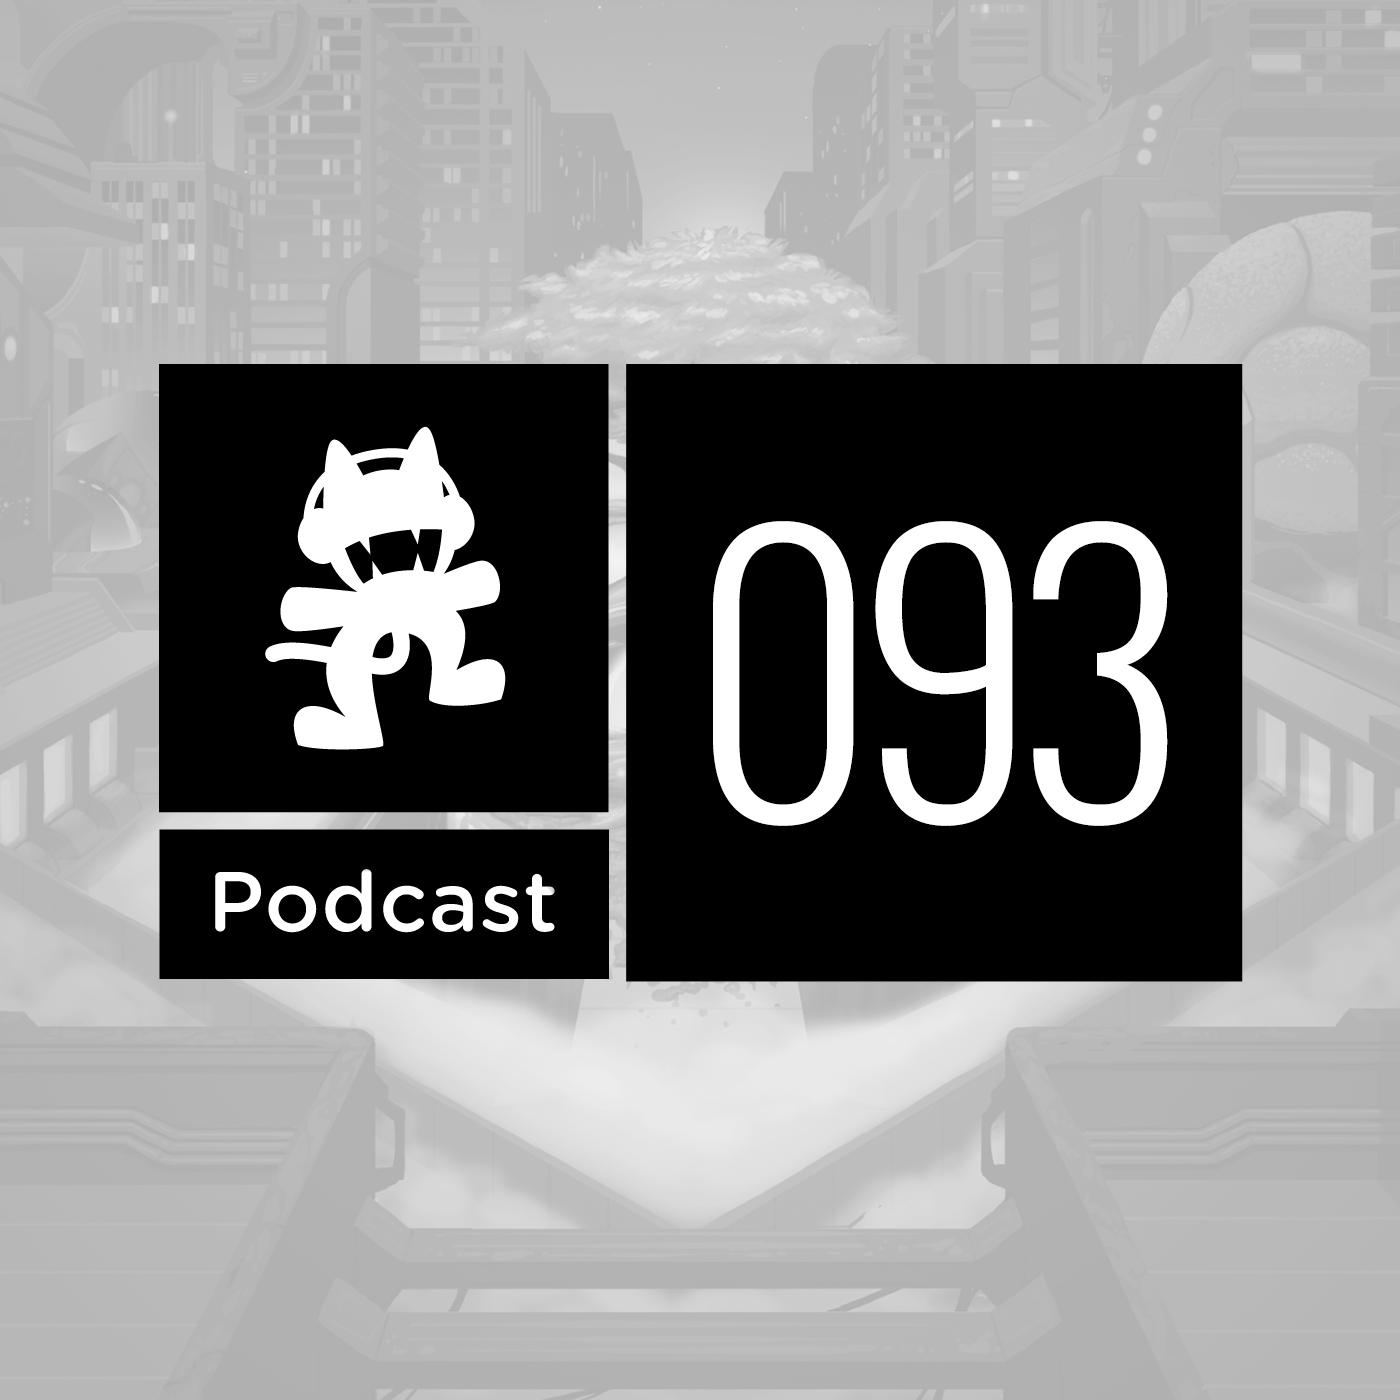 Monstercat Podcast - Episode 093